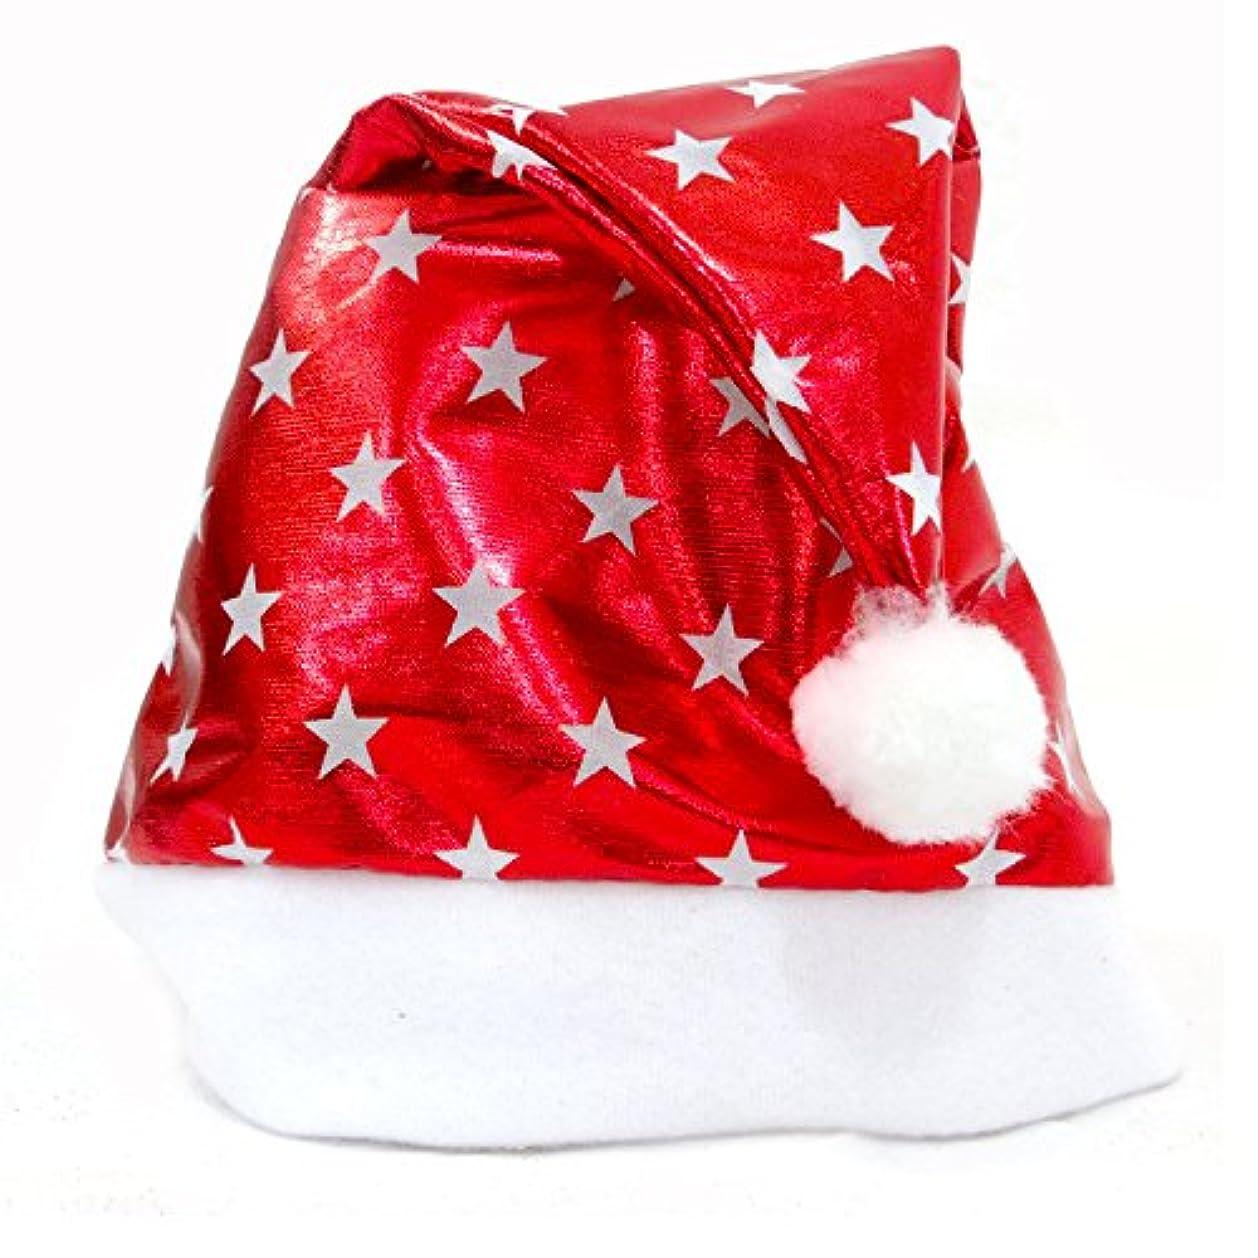 文豚スラックRacazing クリスマスハット レッド Hat ライト ドームキャップ 防寒対策 通気性のある 防風 ニット帽 暖かい 軽量 屋外 スキー 自転車 クリスマス 男女兼用 Christmas Cap